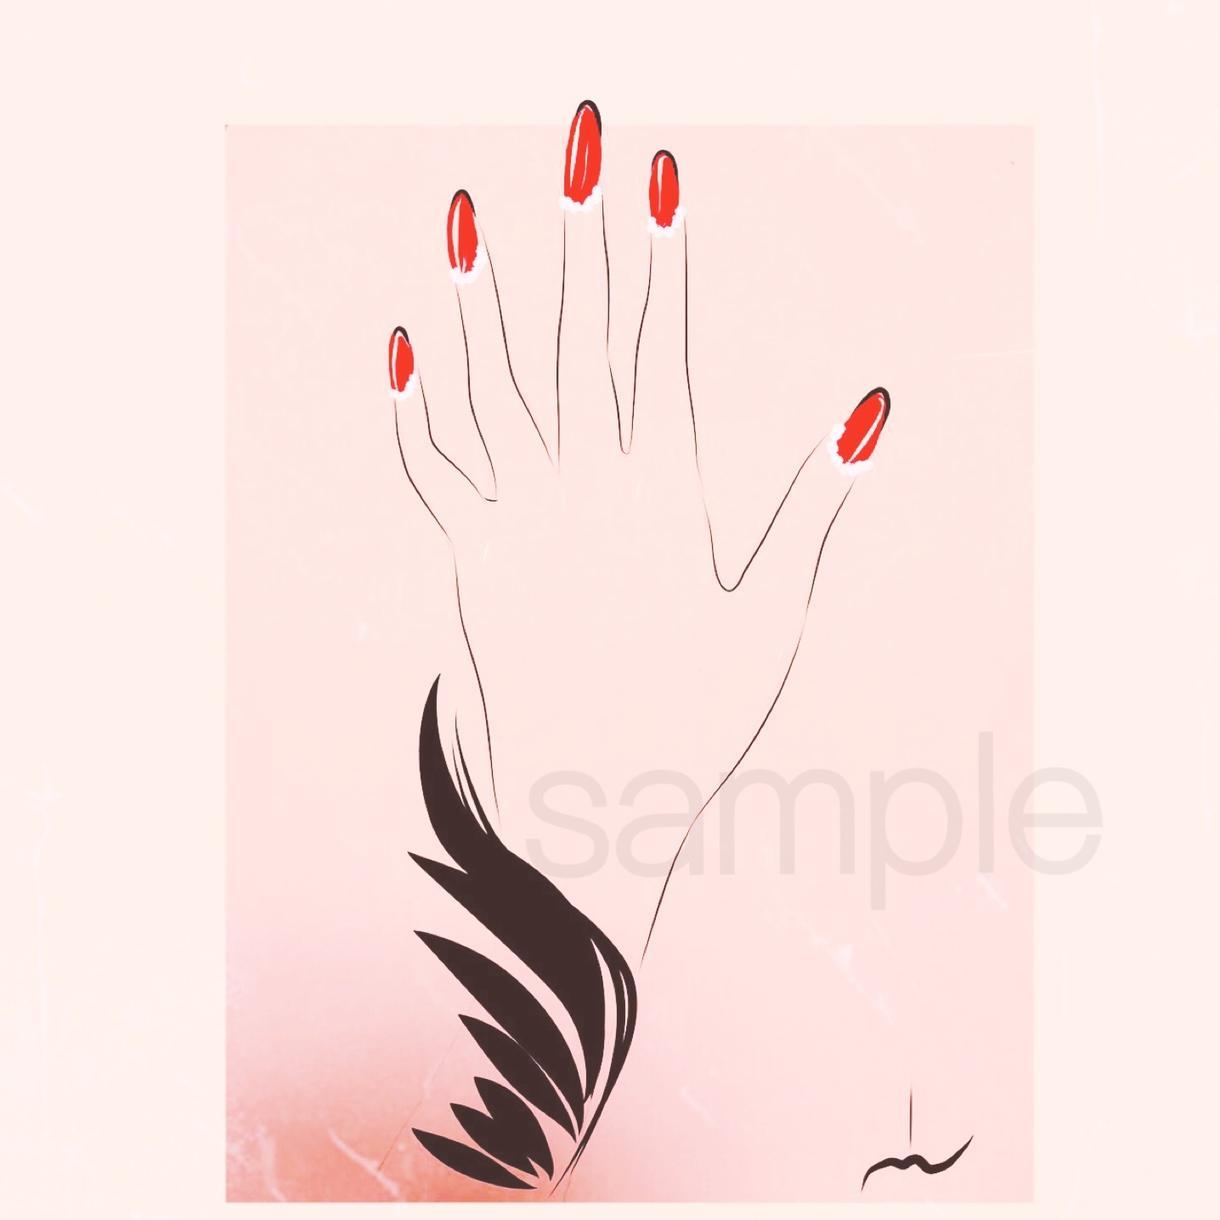 書籍のイラストやポスター、イメージイラスト受けます 大人っぽい女性イラスト、可愛いイラスト、デザイン系も。